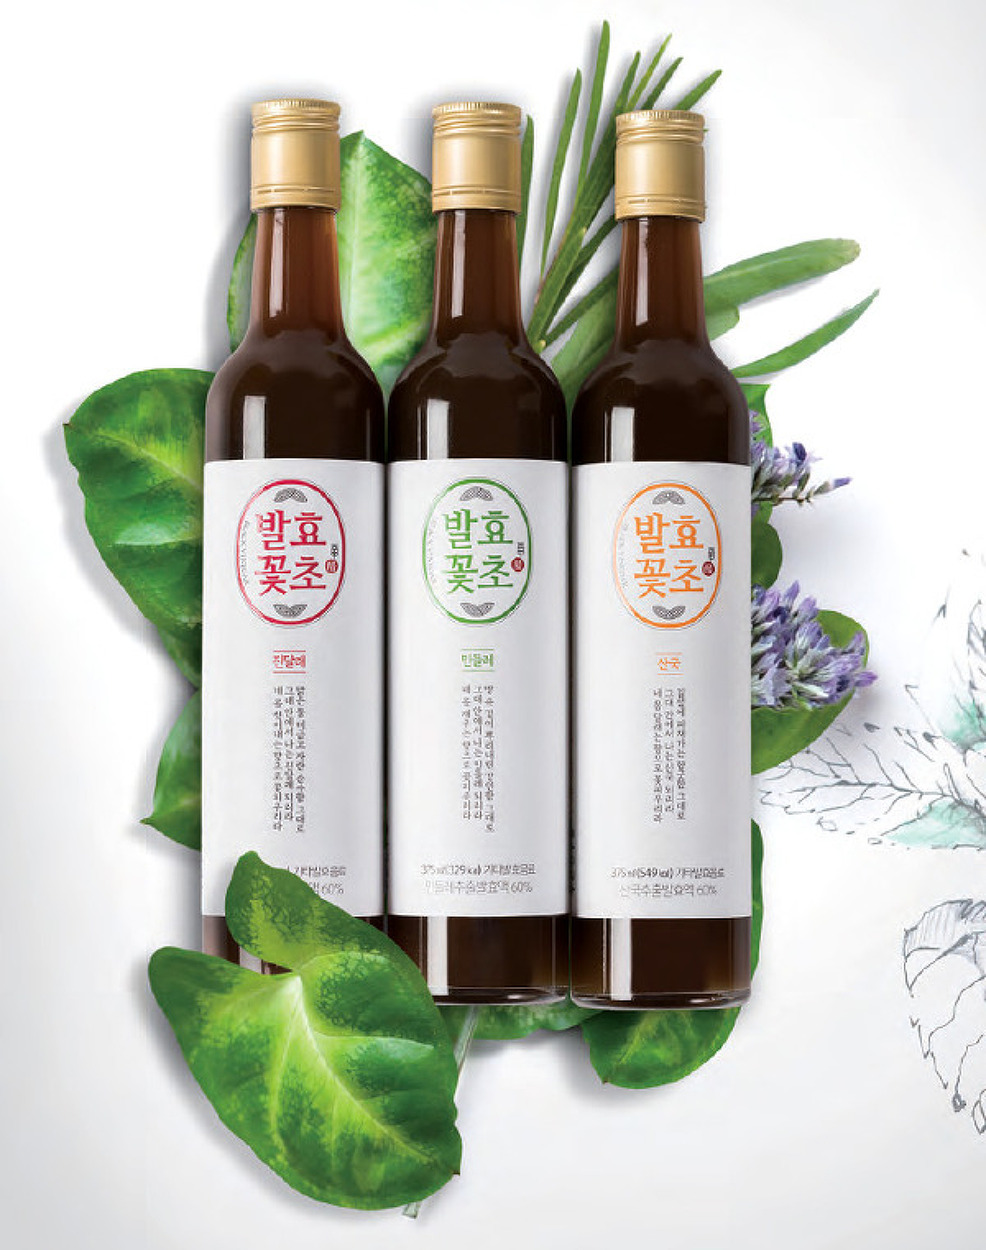 요즘 뜨는 대세 건강음료 '마시는 꽃' 발효꽃초를 드셔 보세요!